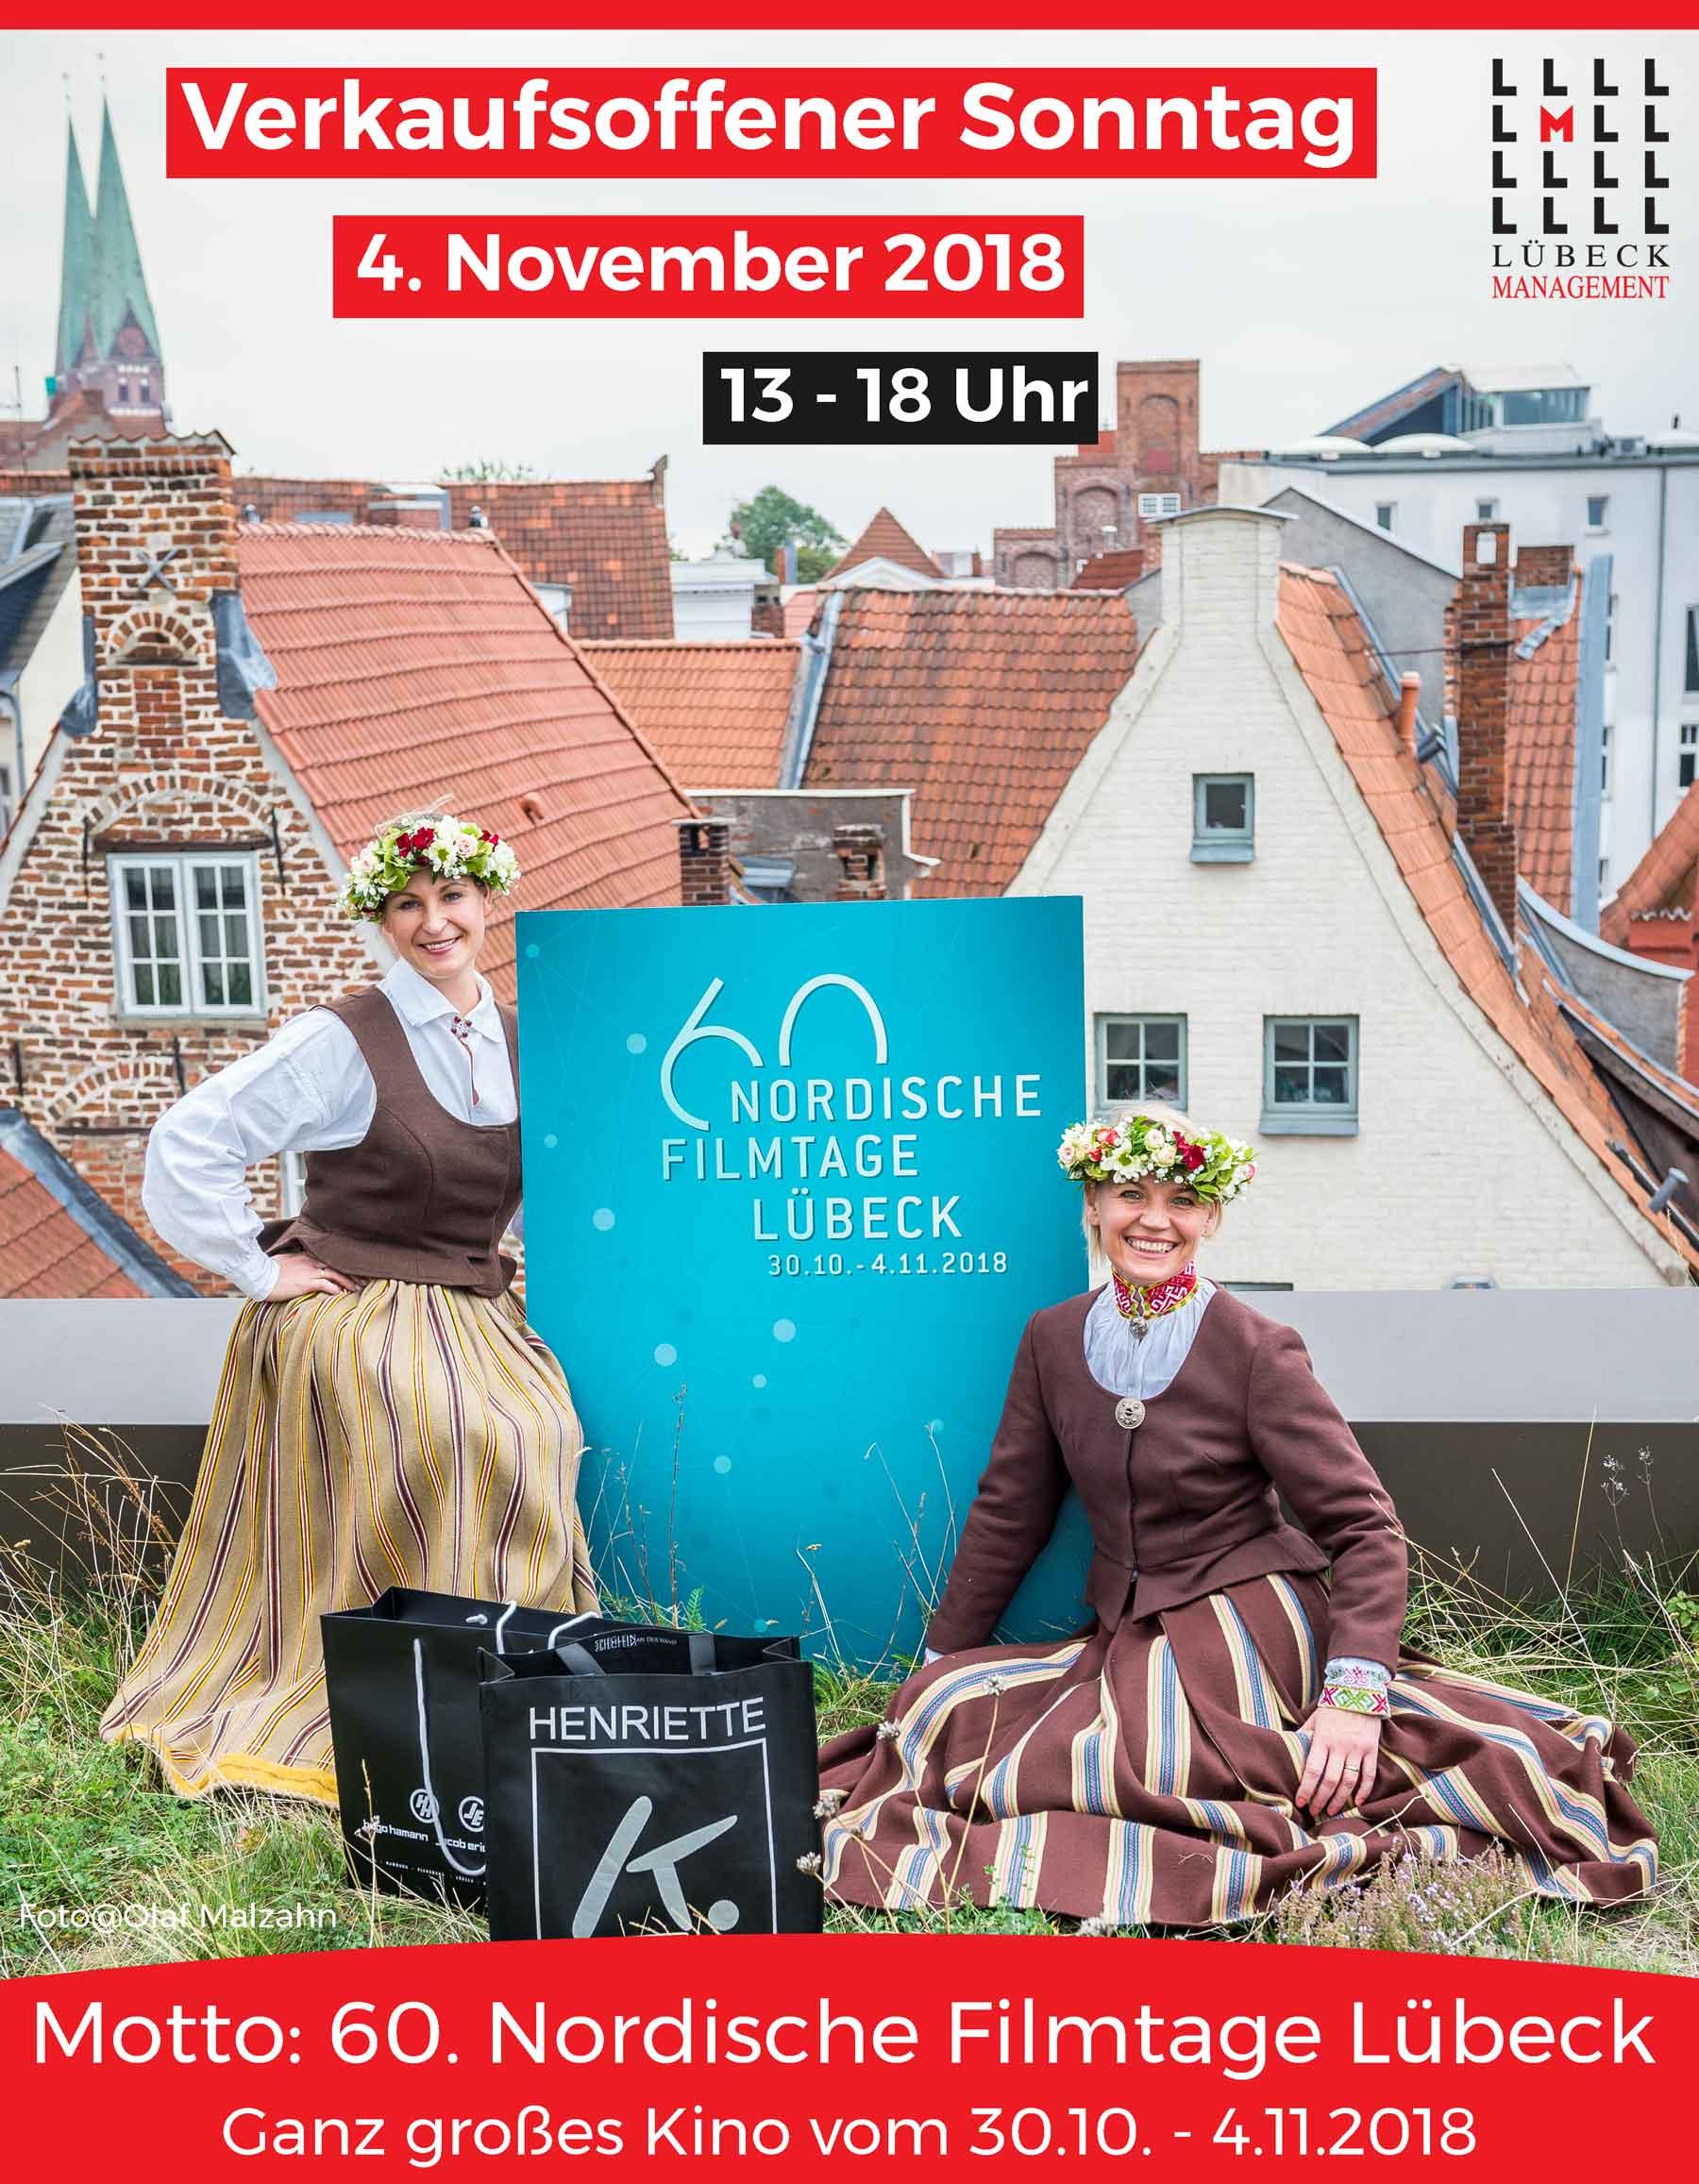 Verkaufsoffener Sonntag In Lubeck Am 4 November 2018 Teilnehmende